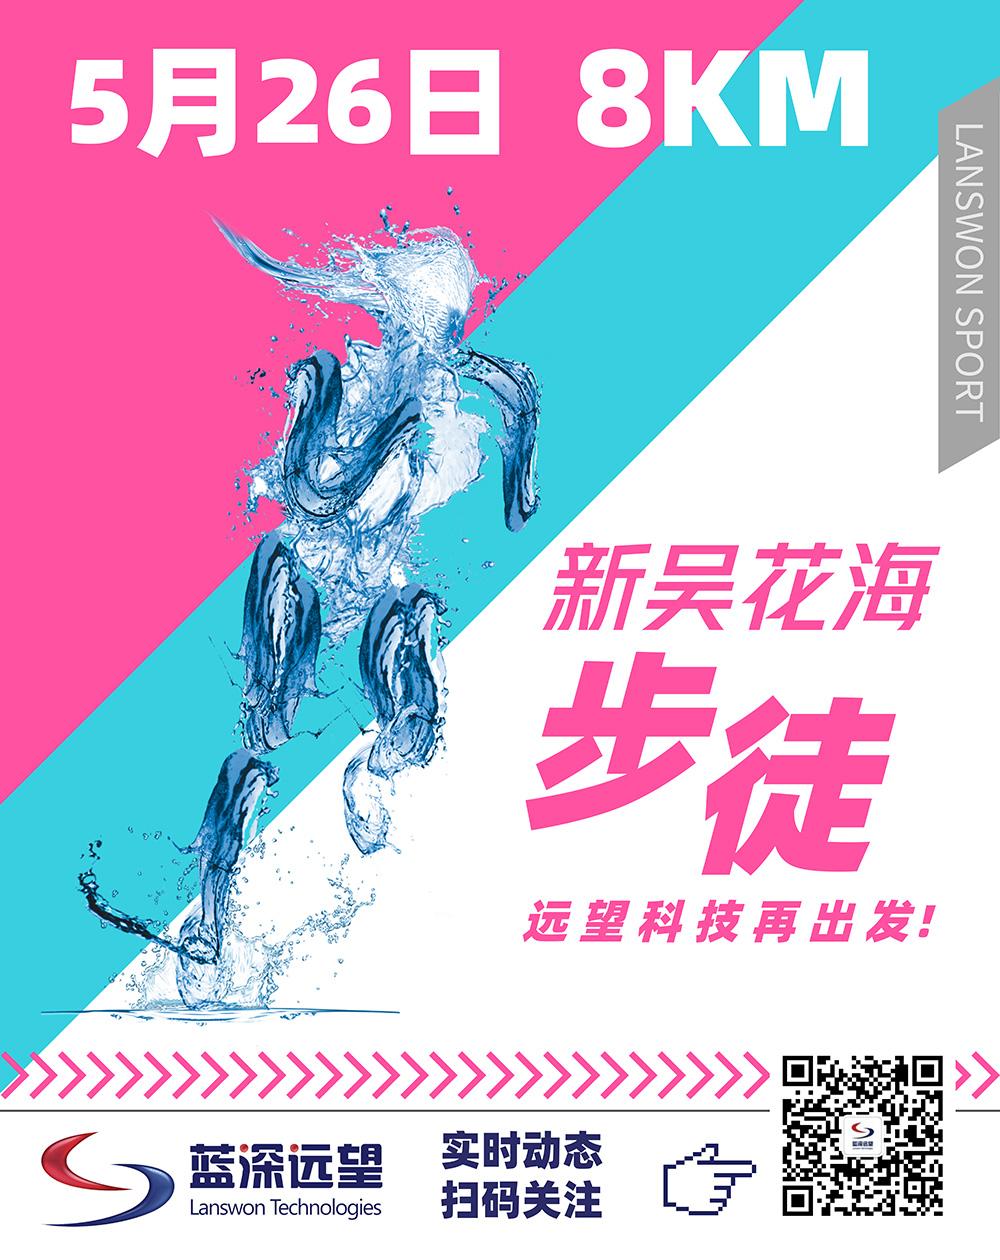 新吴花海徒步大会_web